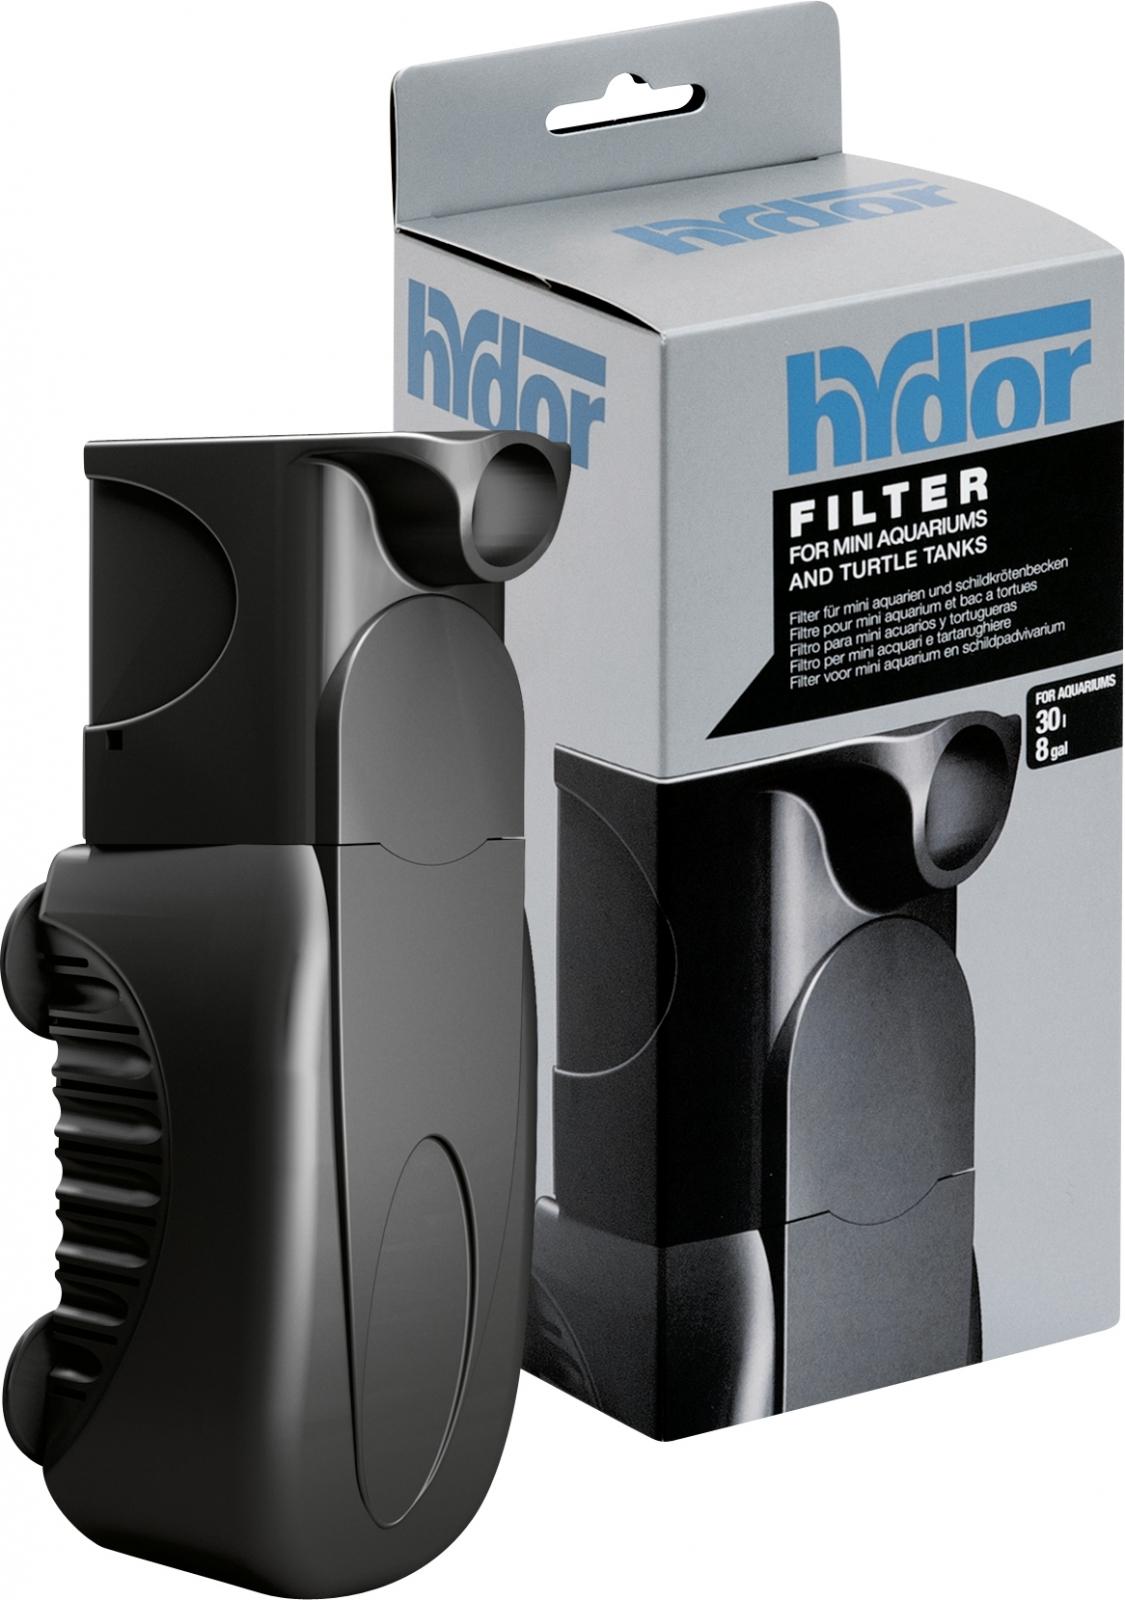 Filtre interne HYDOR Pico 30 avec pompe puissante pour filtrer et recréer des cascades en aquaterrarium